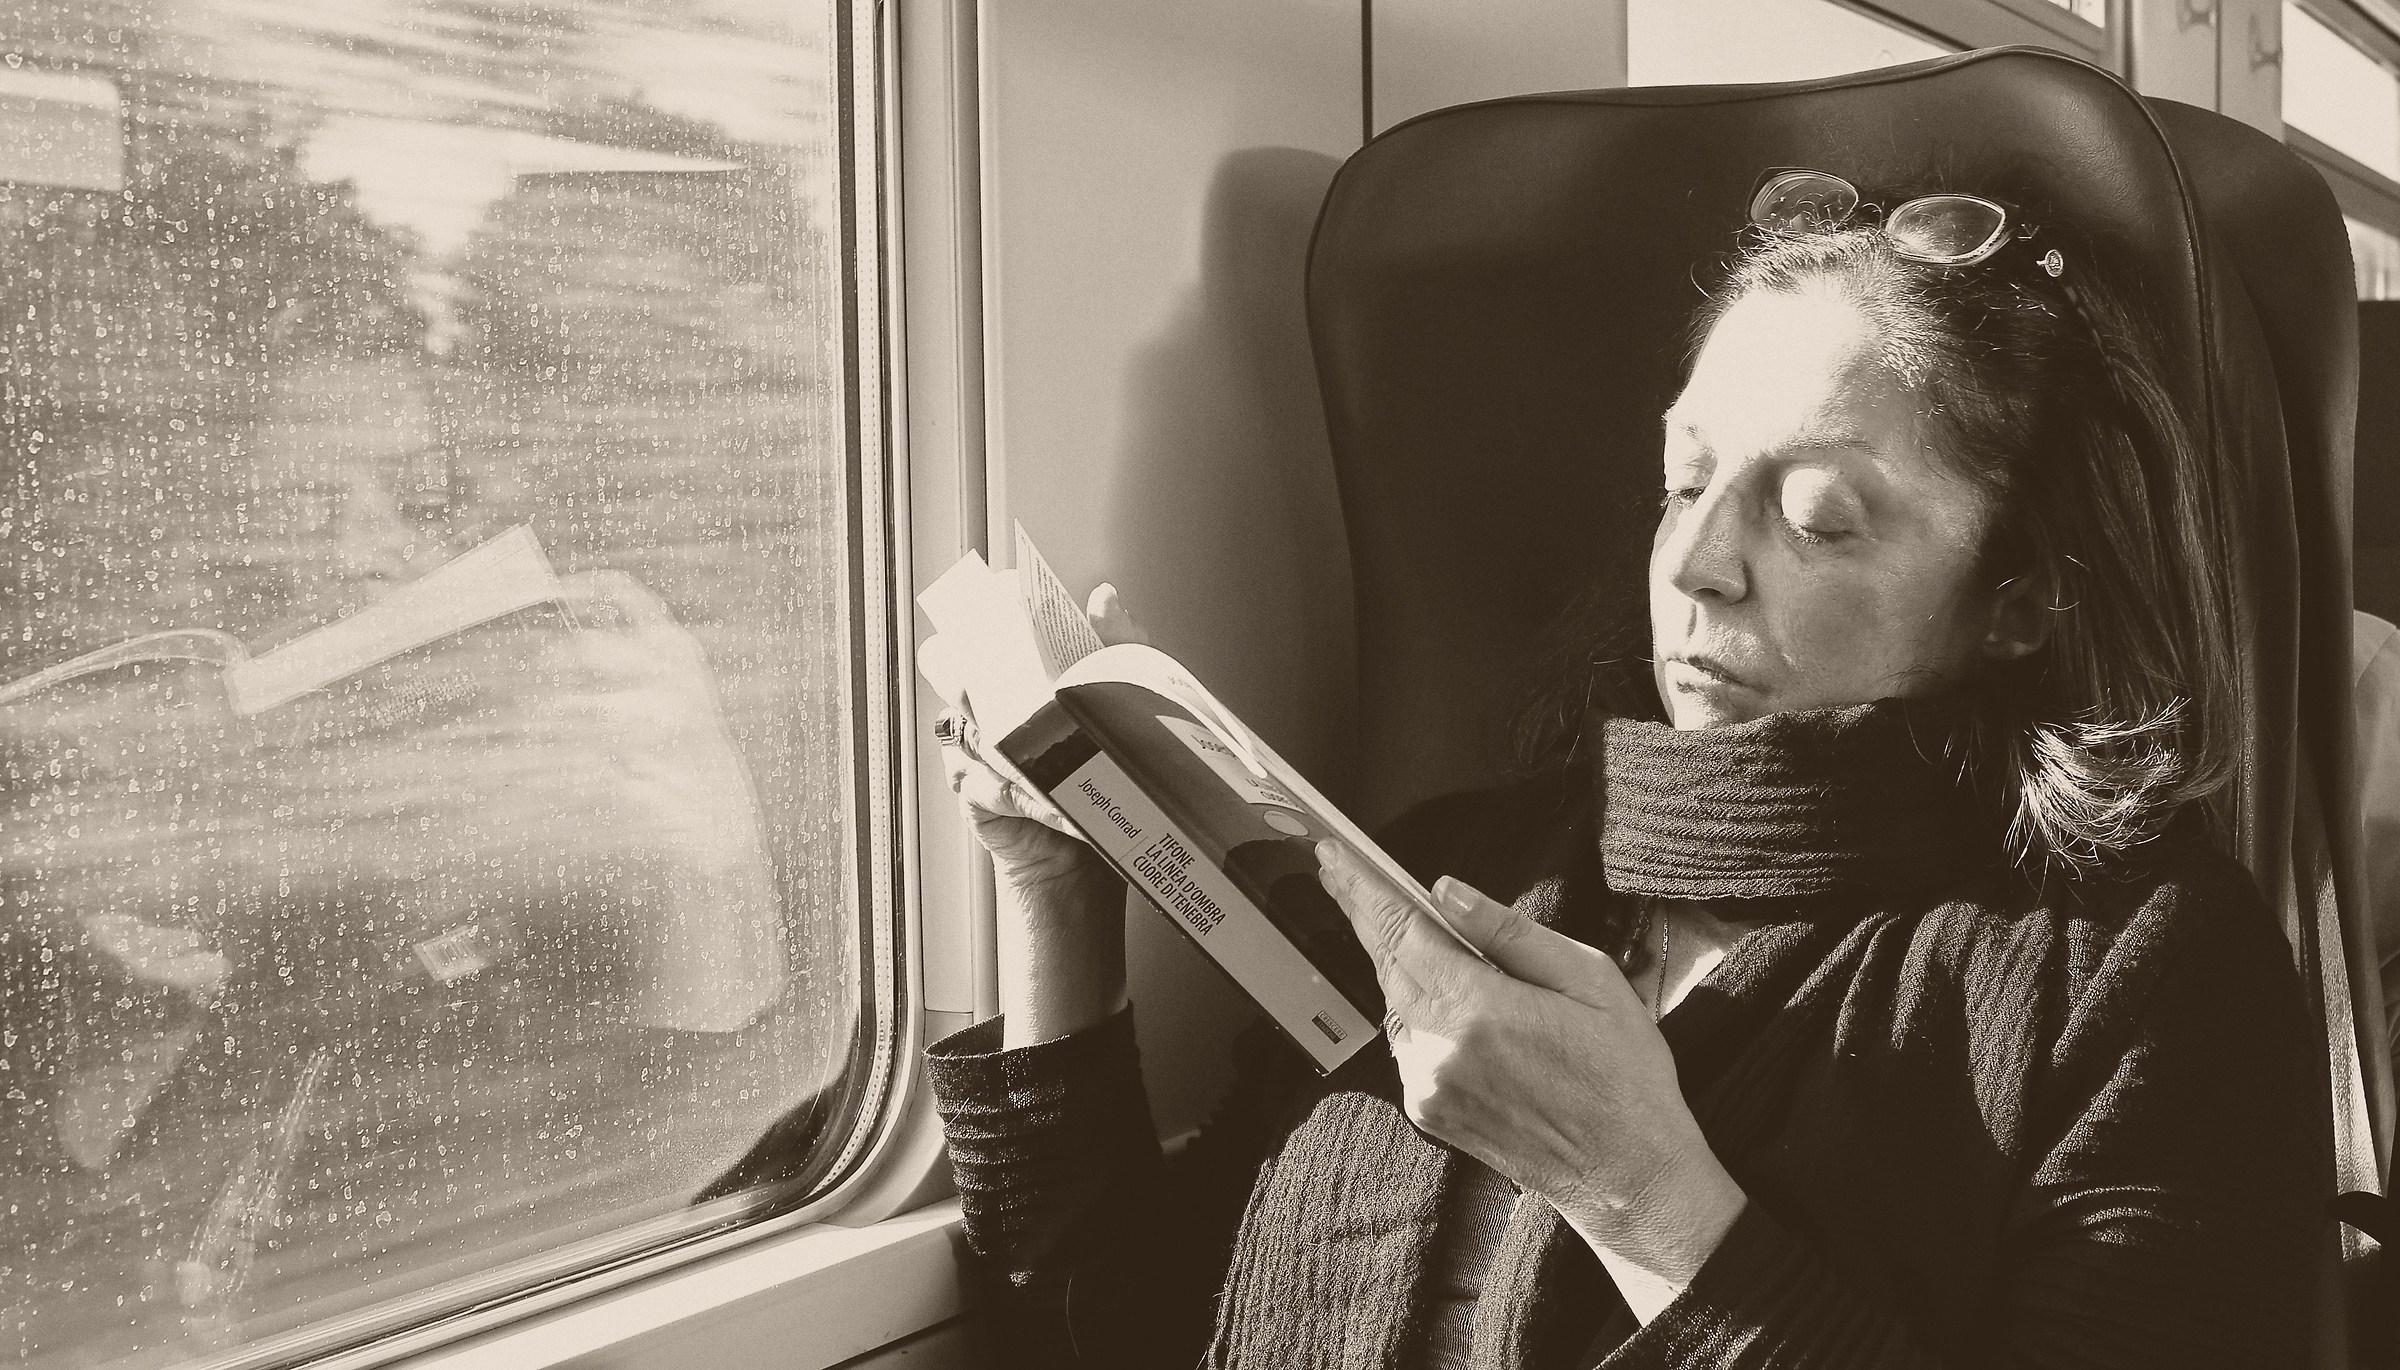 Sul treno in giornata piovosa...